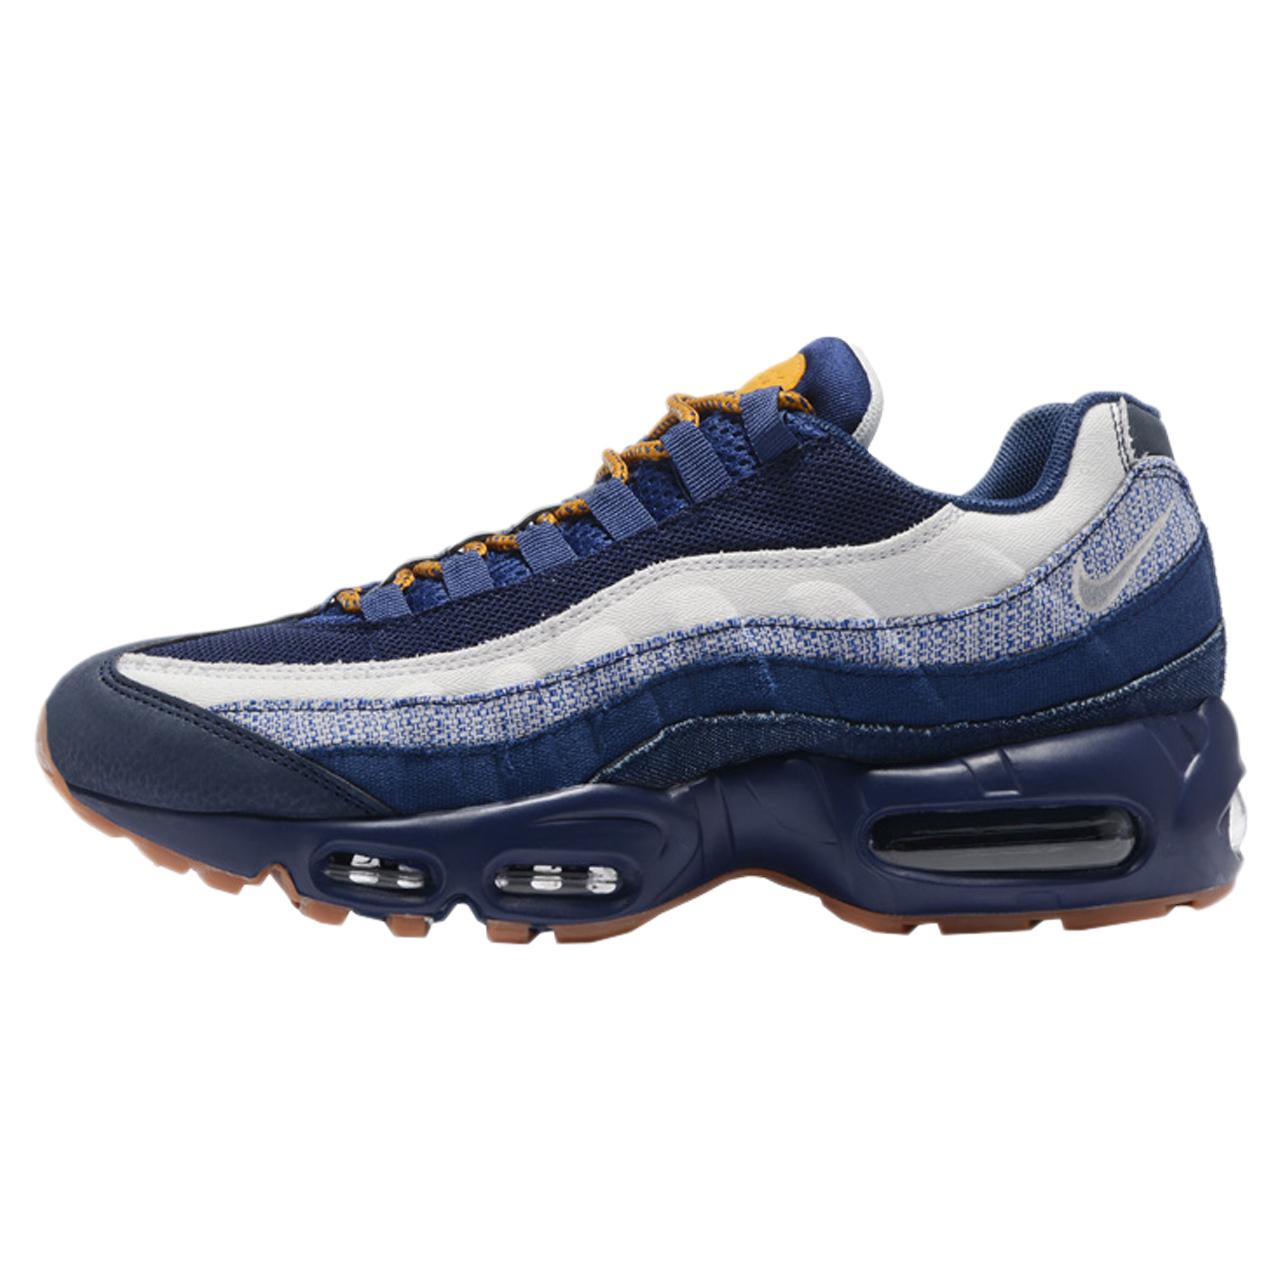 قیمت کفش مردانه نایکی مدل Air max 95 essential 538416-400